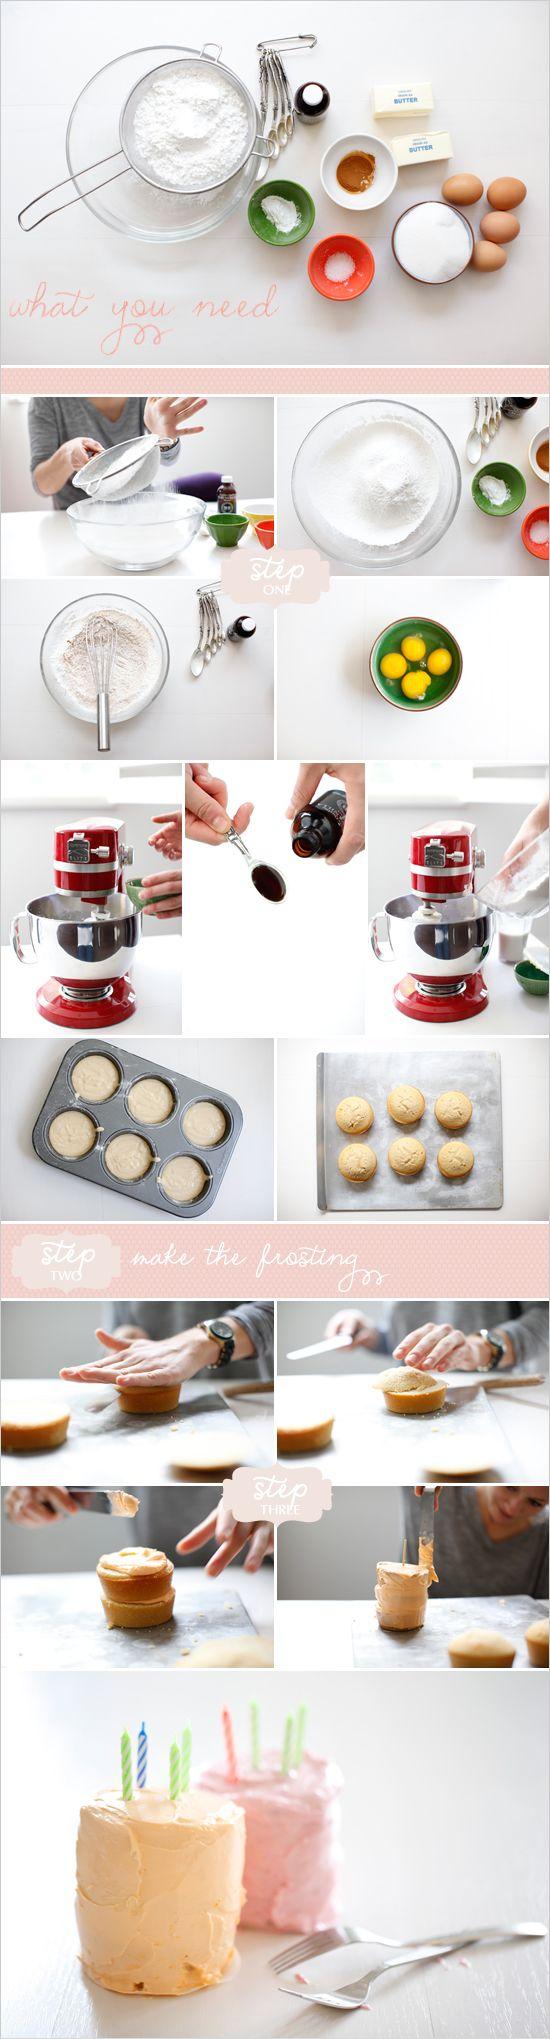 hot to make mini cakes: Cakes Tutorials, Layered Cakes, Tiny Cakes, Minis Cakes, Smash Cakes, Cute Ideas, Muffins Tins, 1St Birthday, Birthday Cakes